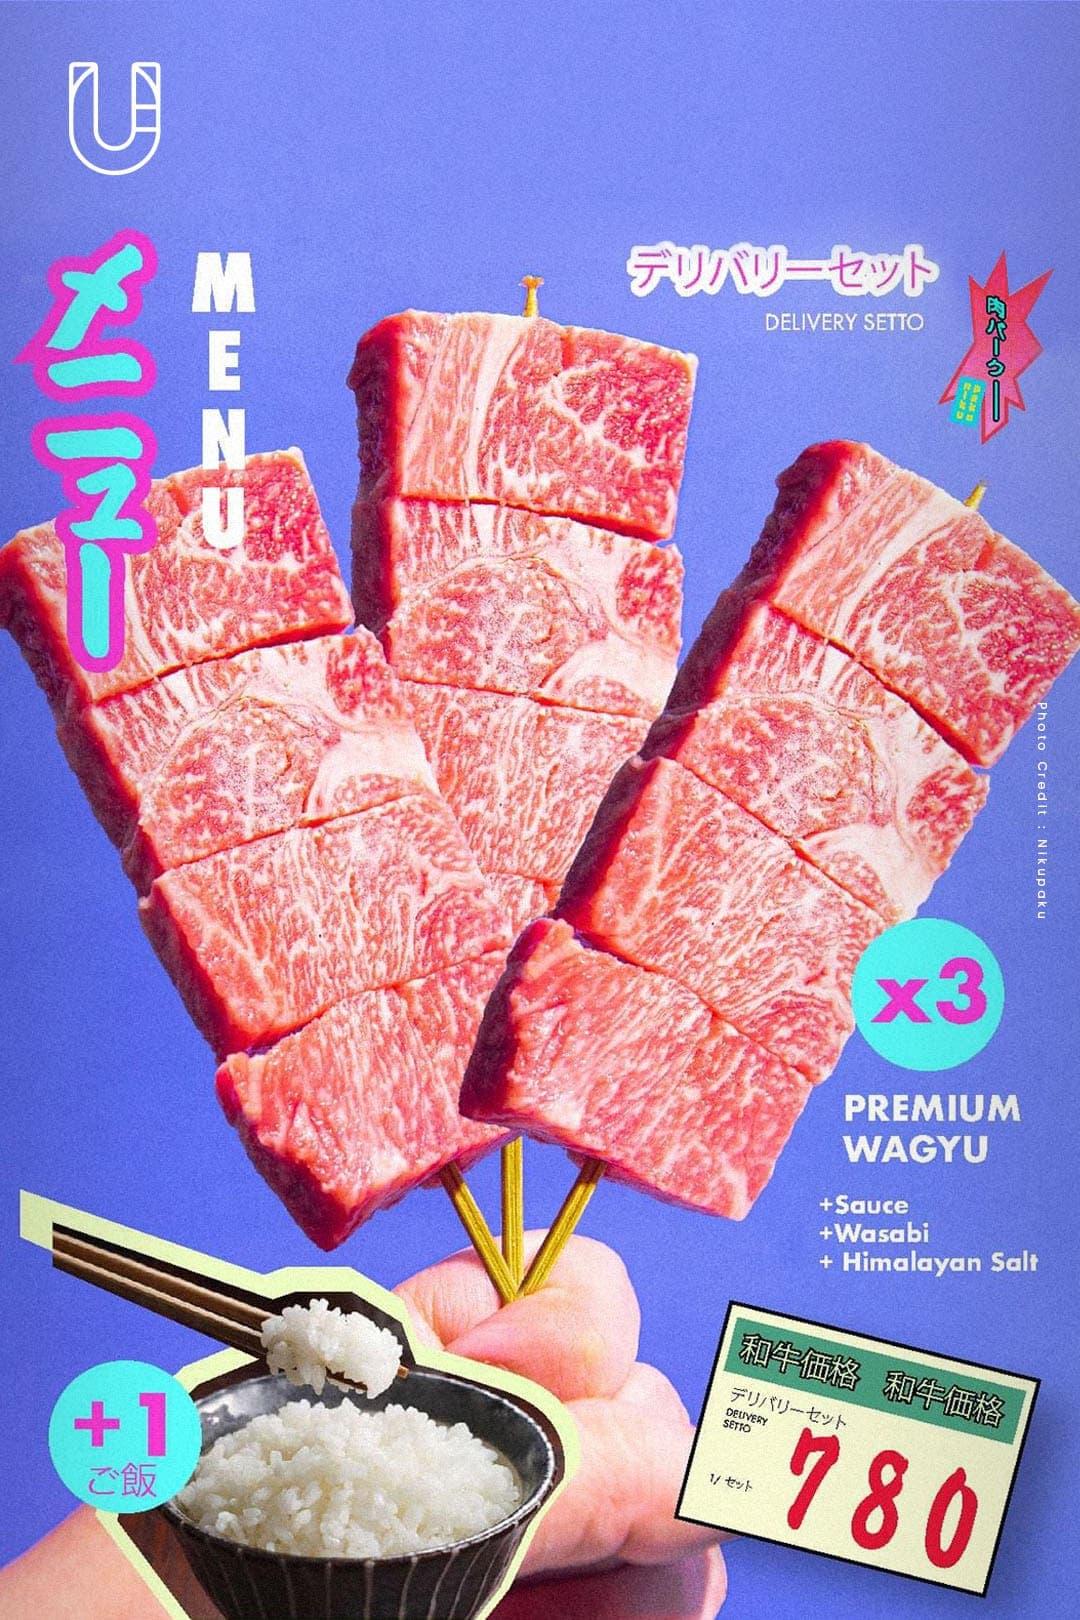 เมนู-เนื้อย่าง-ไทยวากิว-nikupaku